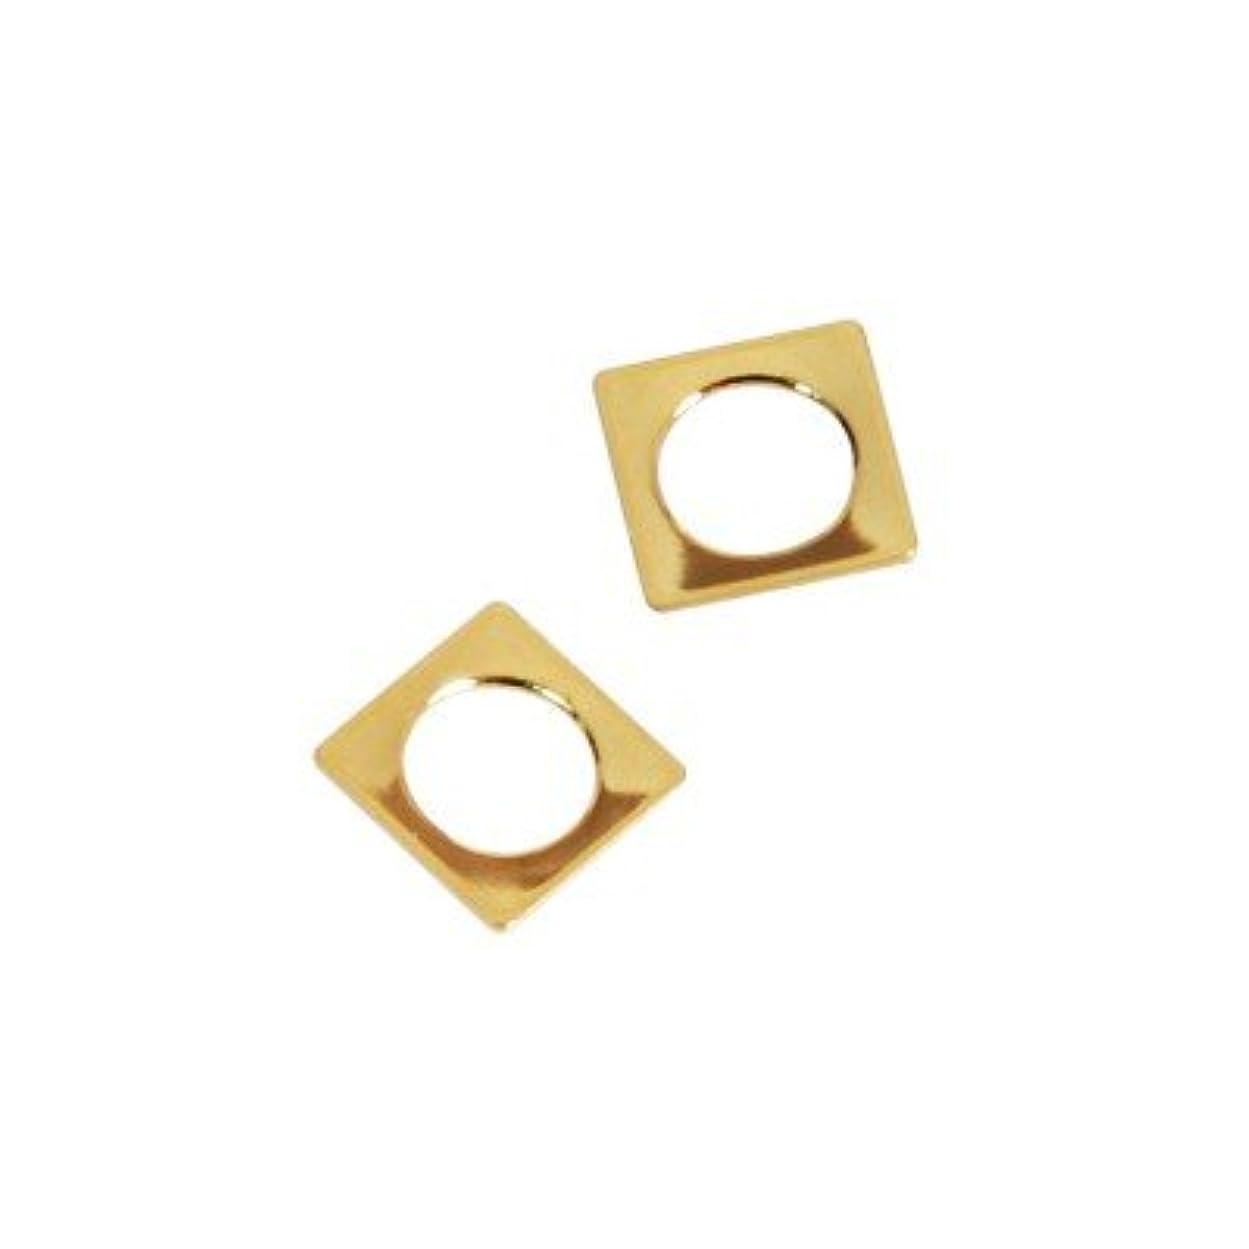 サイレン遅らせる鎮静剤ピアドラ スタッズ スクエア 中抜き(ラウンド)4mm 50P ゴールド